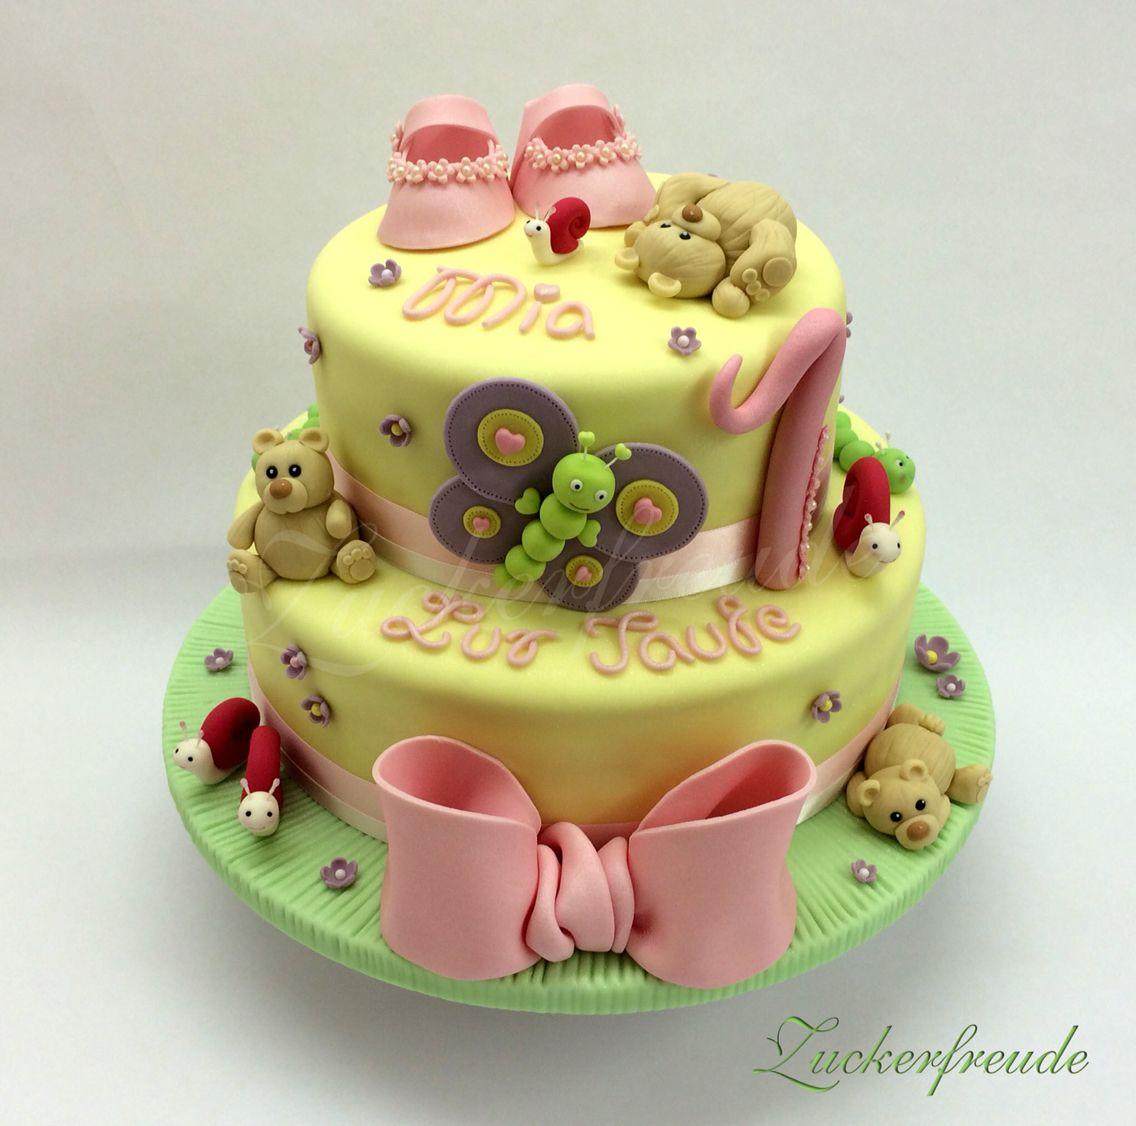 Geburtstagstorte, Babyschuhe, Schmetterling, Teddybär, Schnecke, Taufe, Schleife